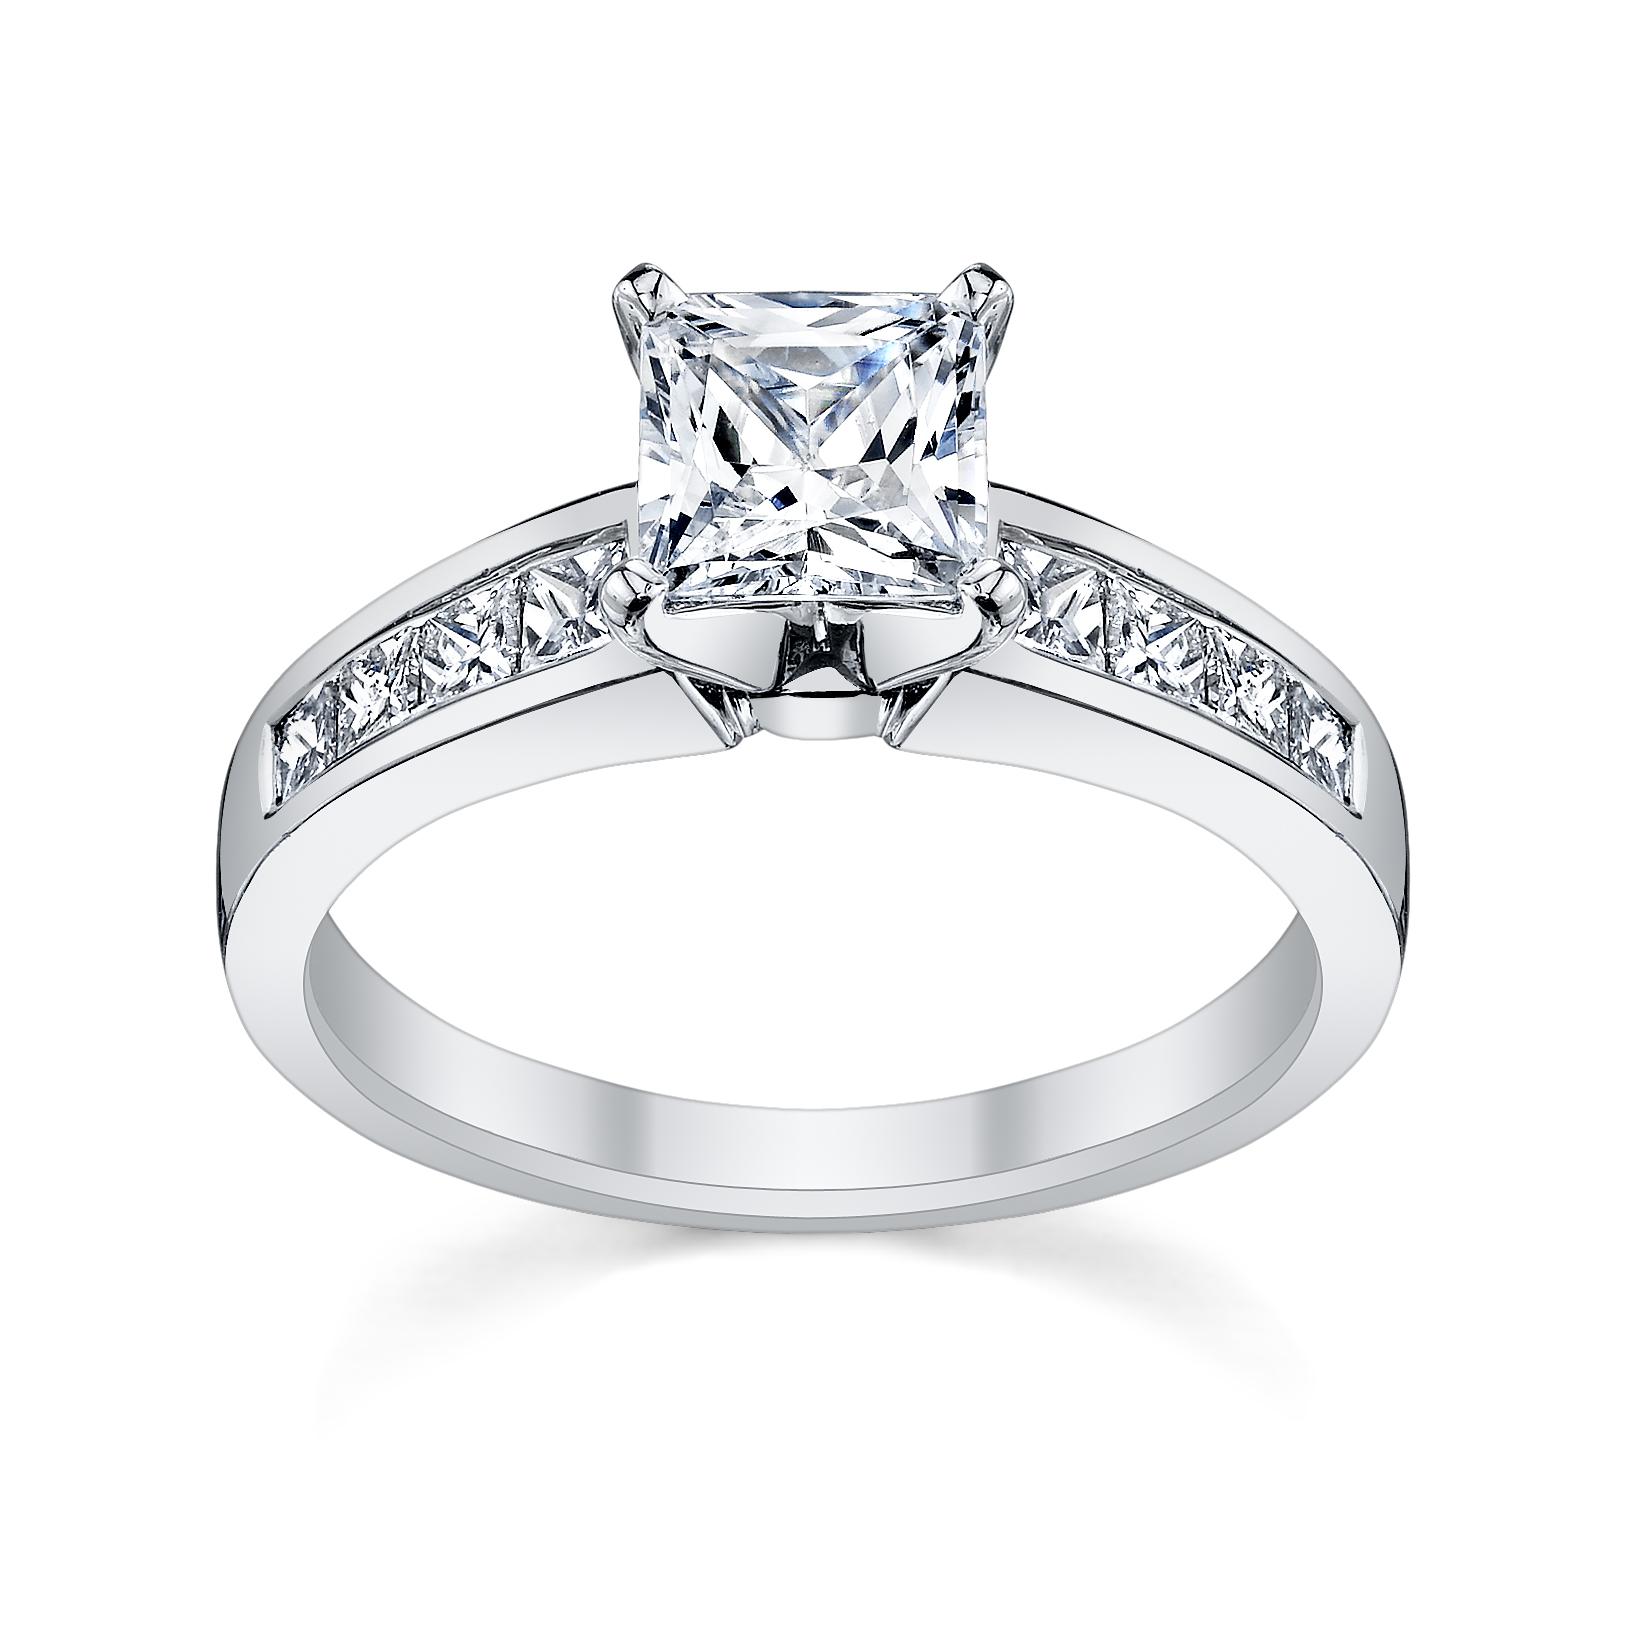 6 princess cut engagement rings she ll love robbins brothers blog